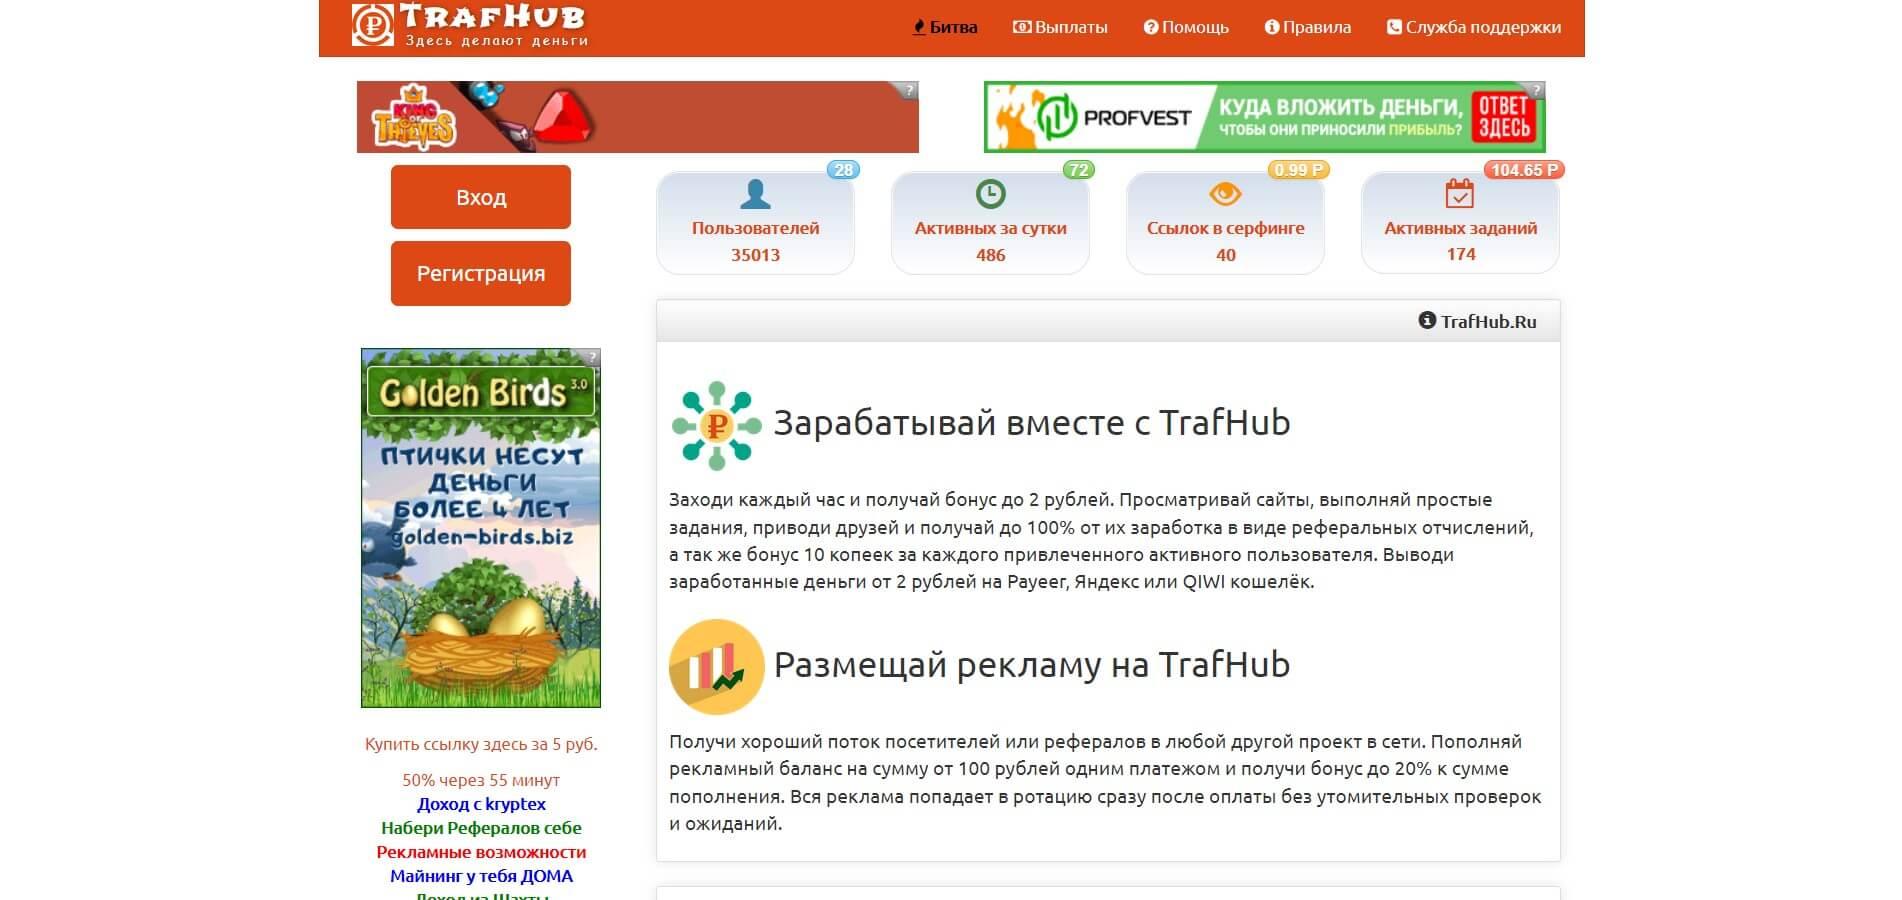 luchshie-sajty-kotorye-platyat-dengi-za-prosmotr-reklamy-trafhub-ru